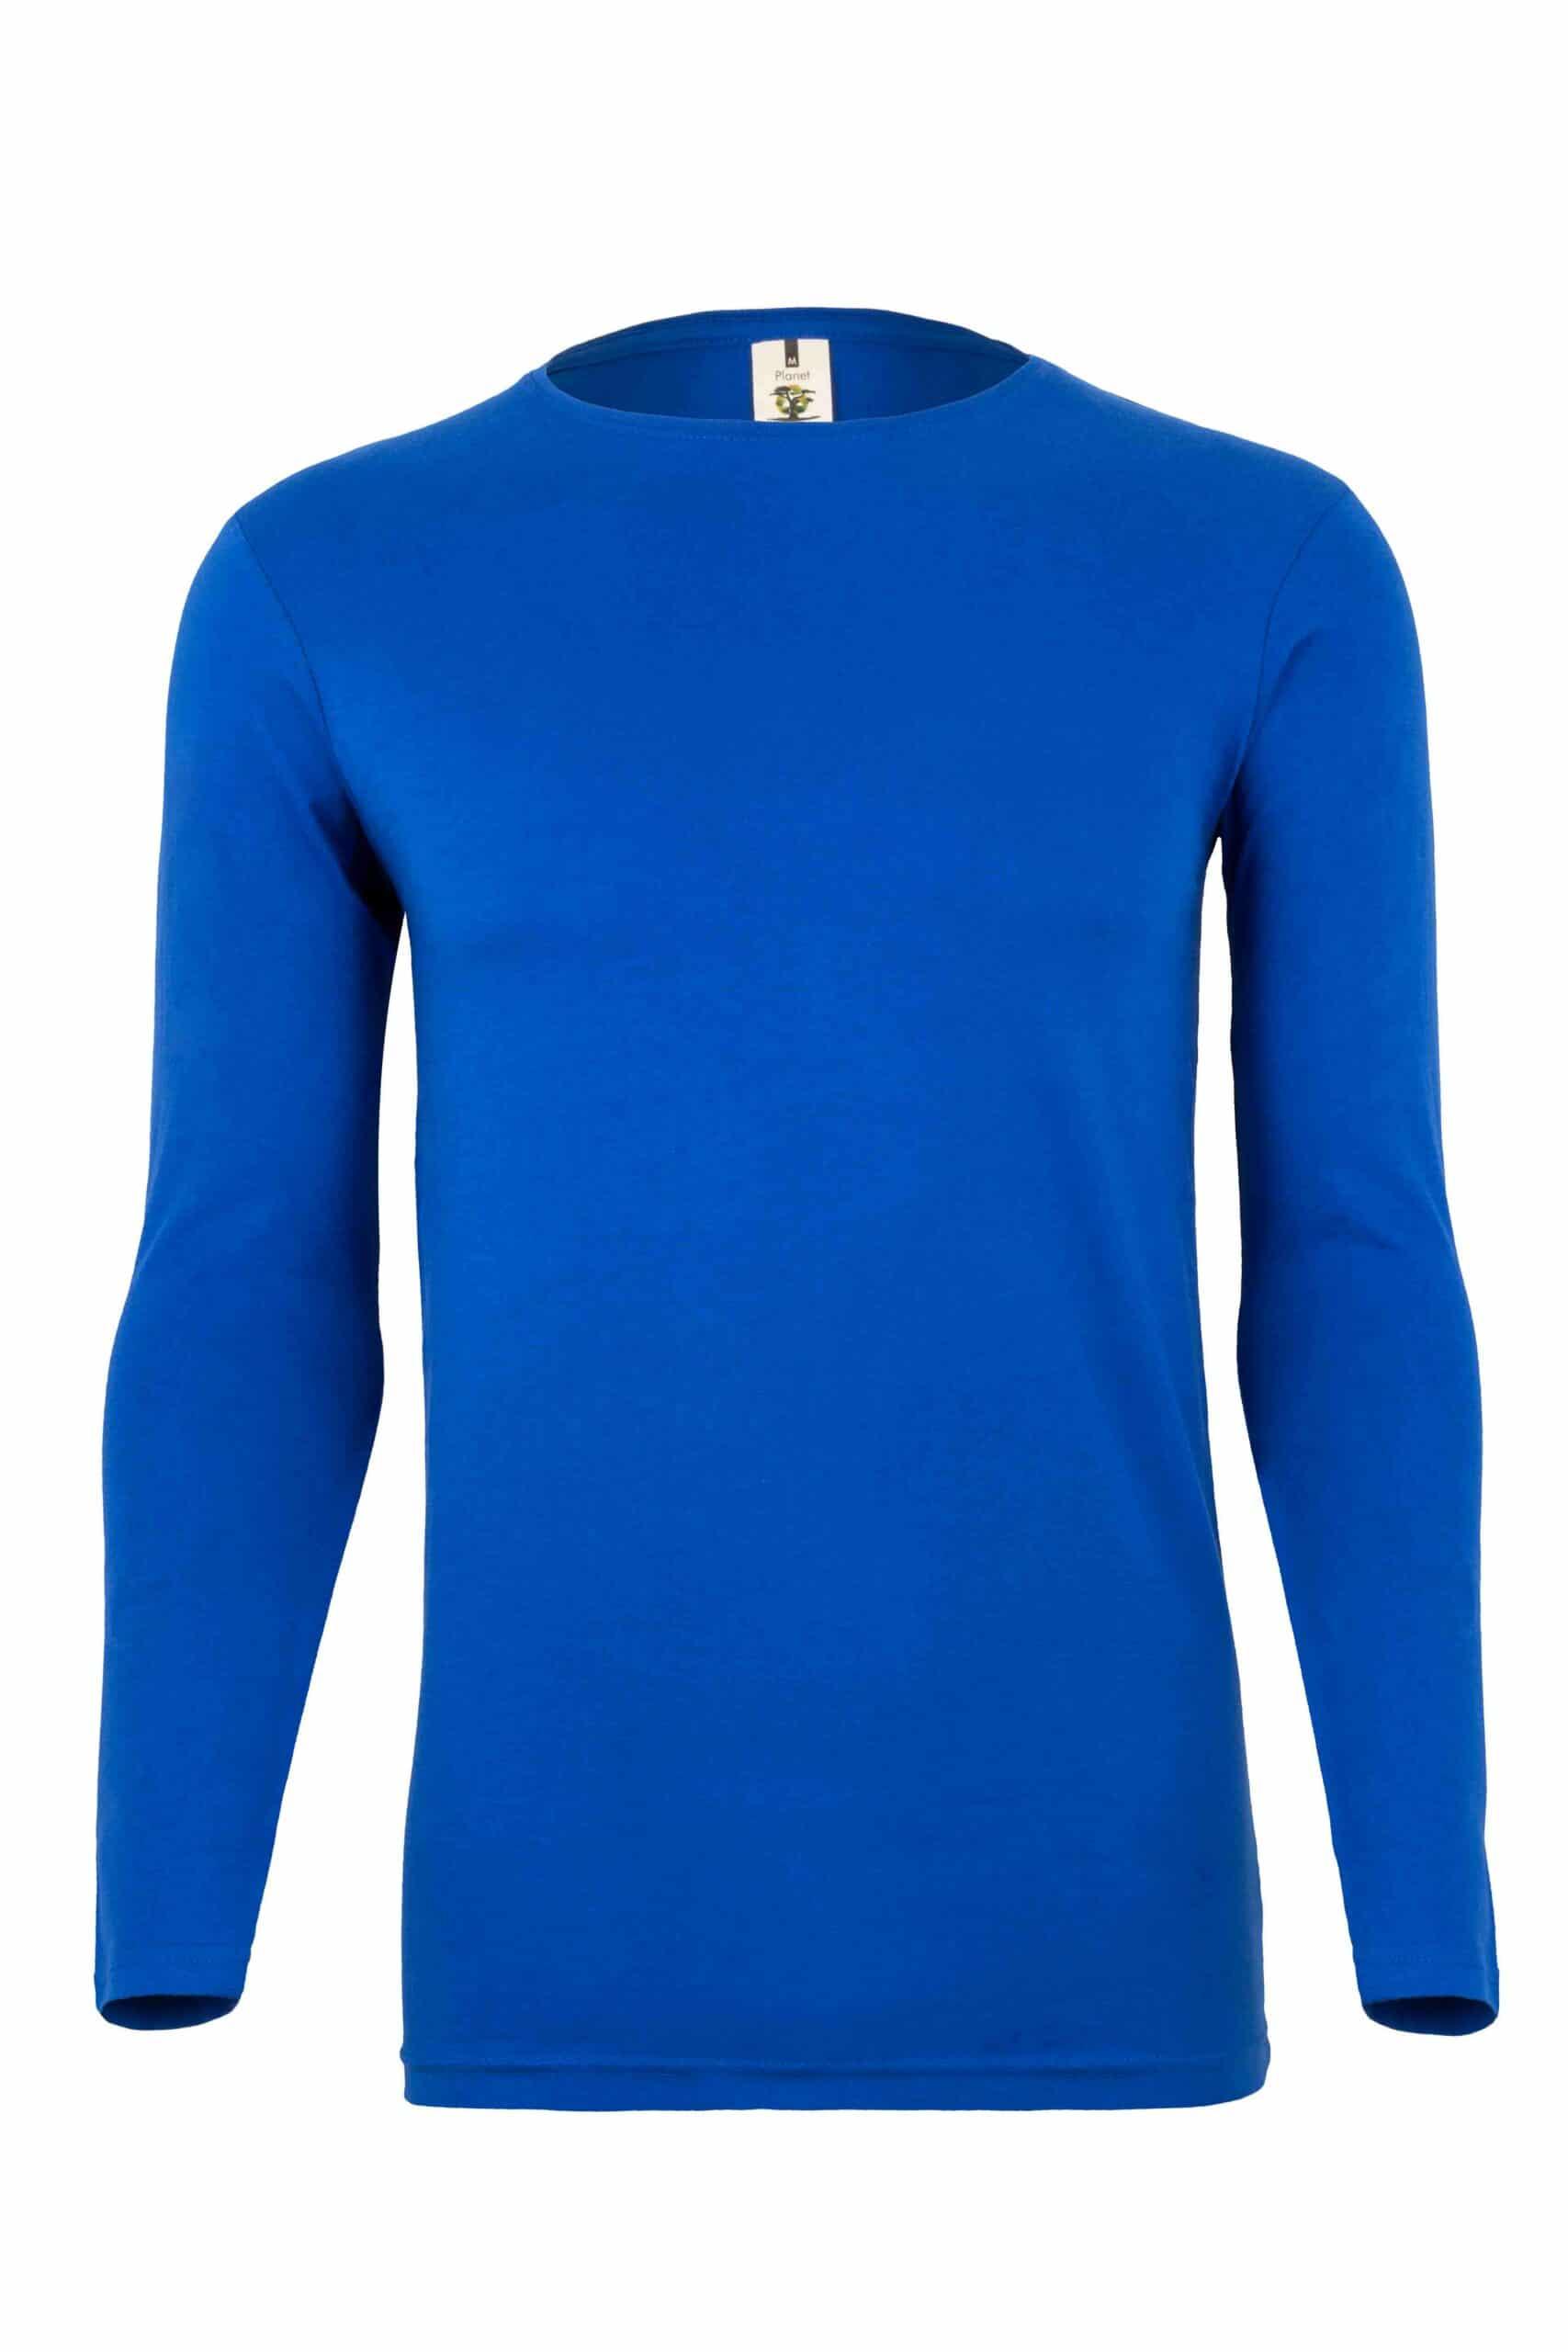 Mukua Mk156cv Camiseta Manga Larga 150gr Royal Blue